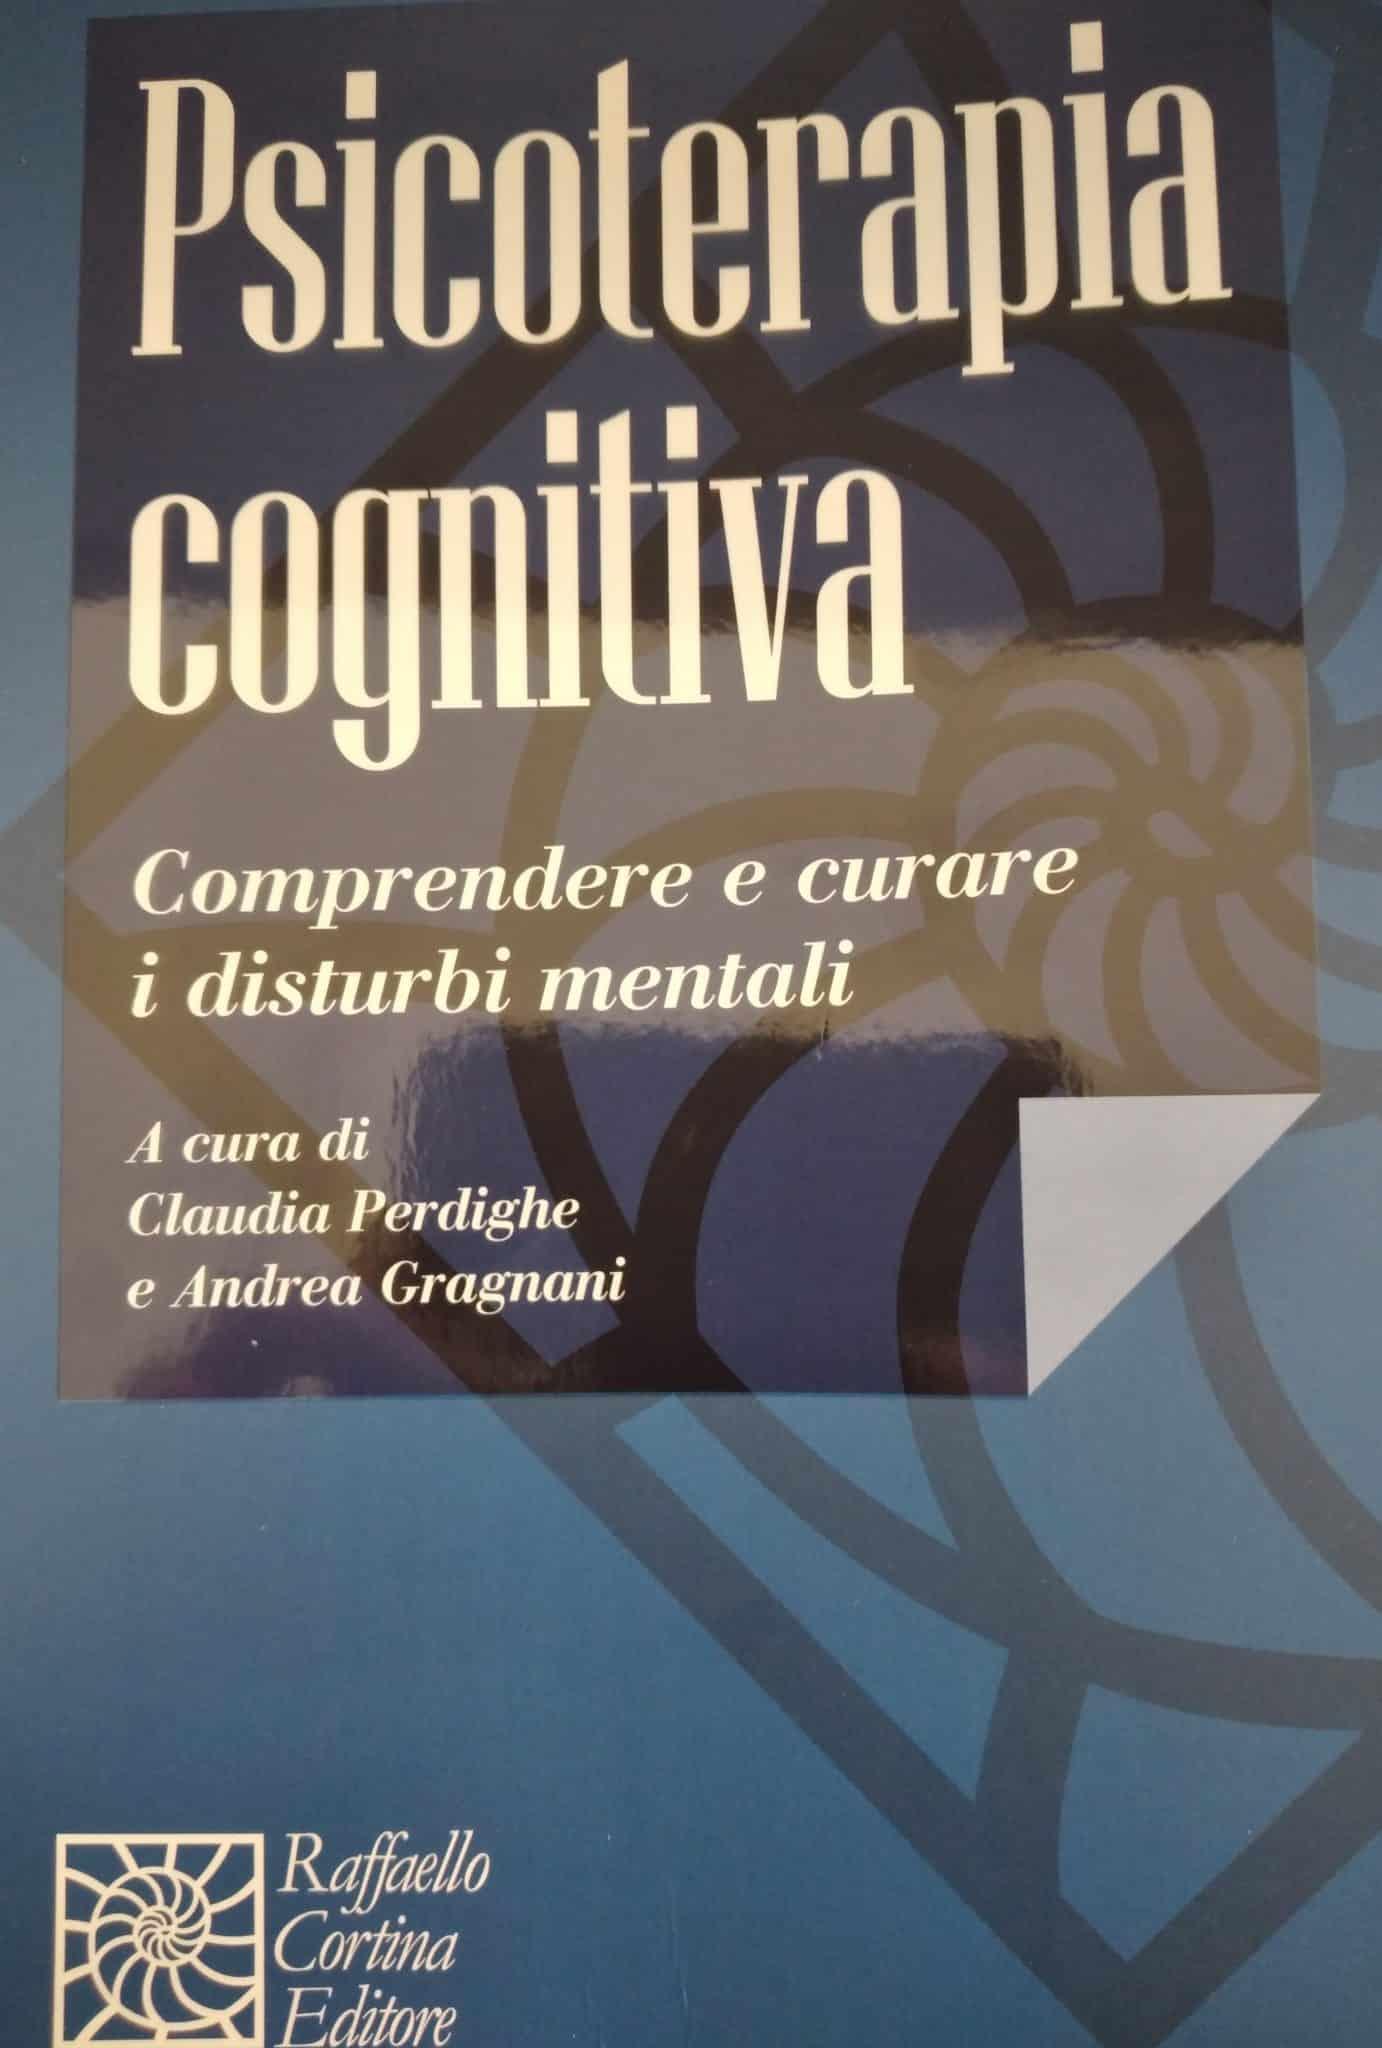 Psicoterapia Cognitiva. Comprendere E Curare I Disturbi Mentali